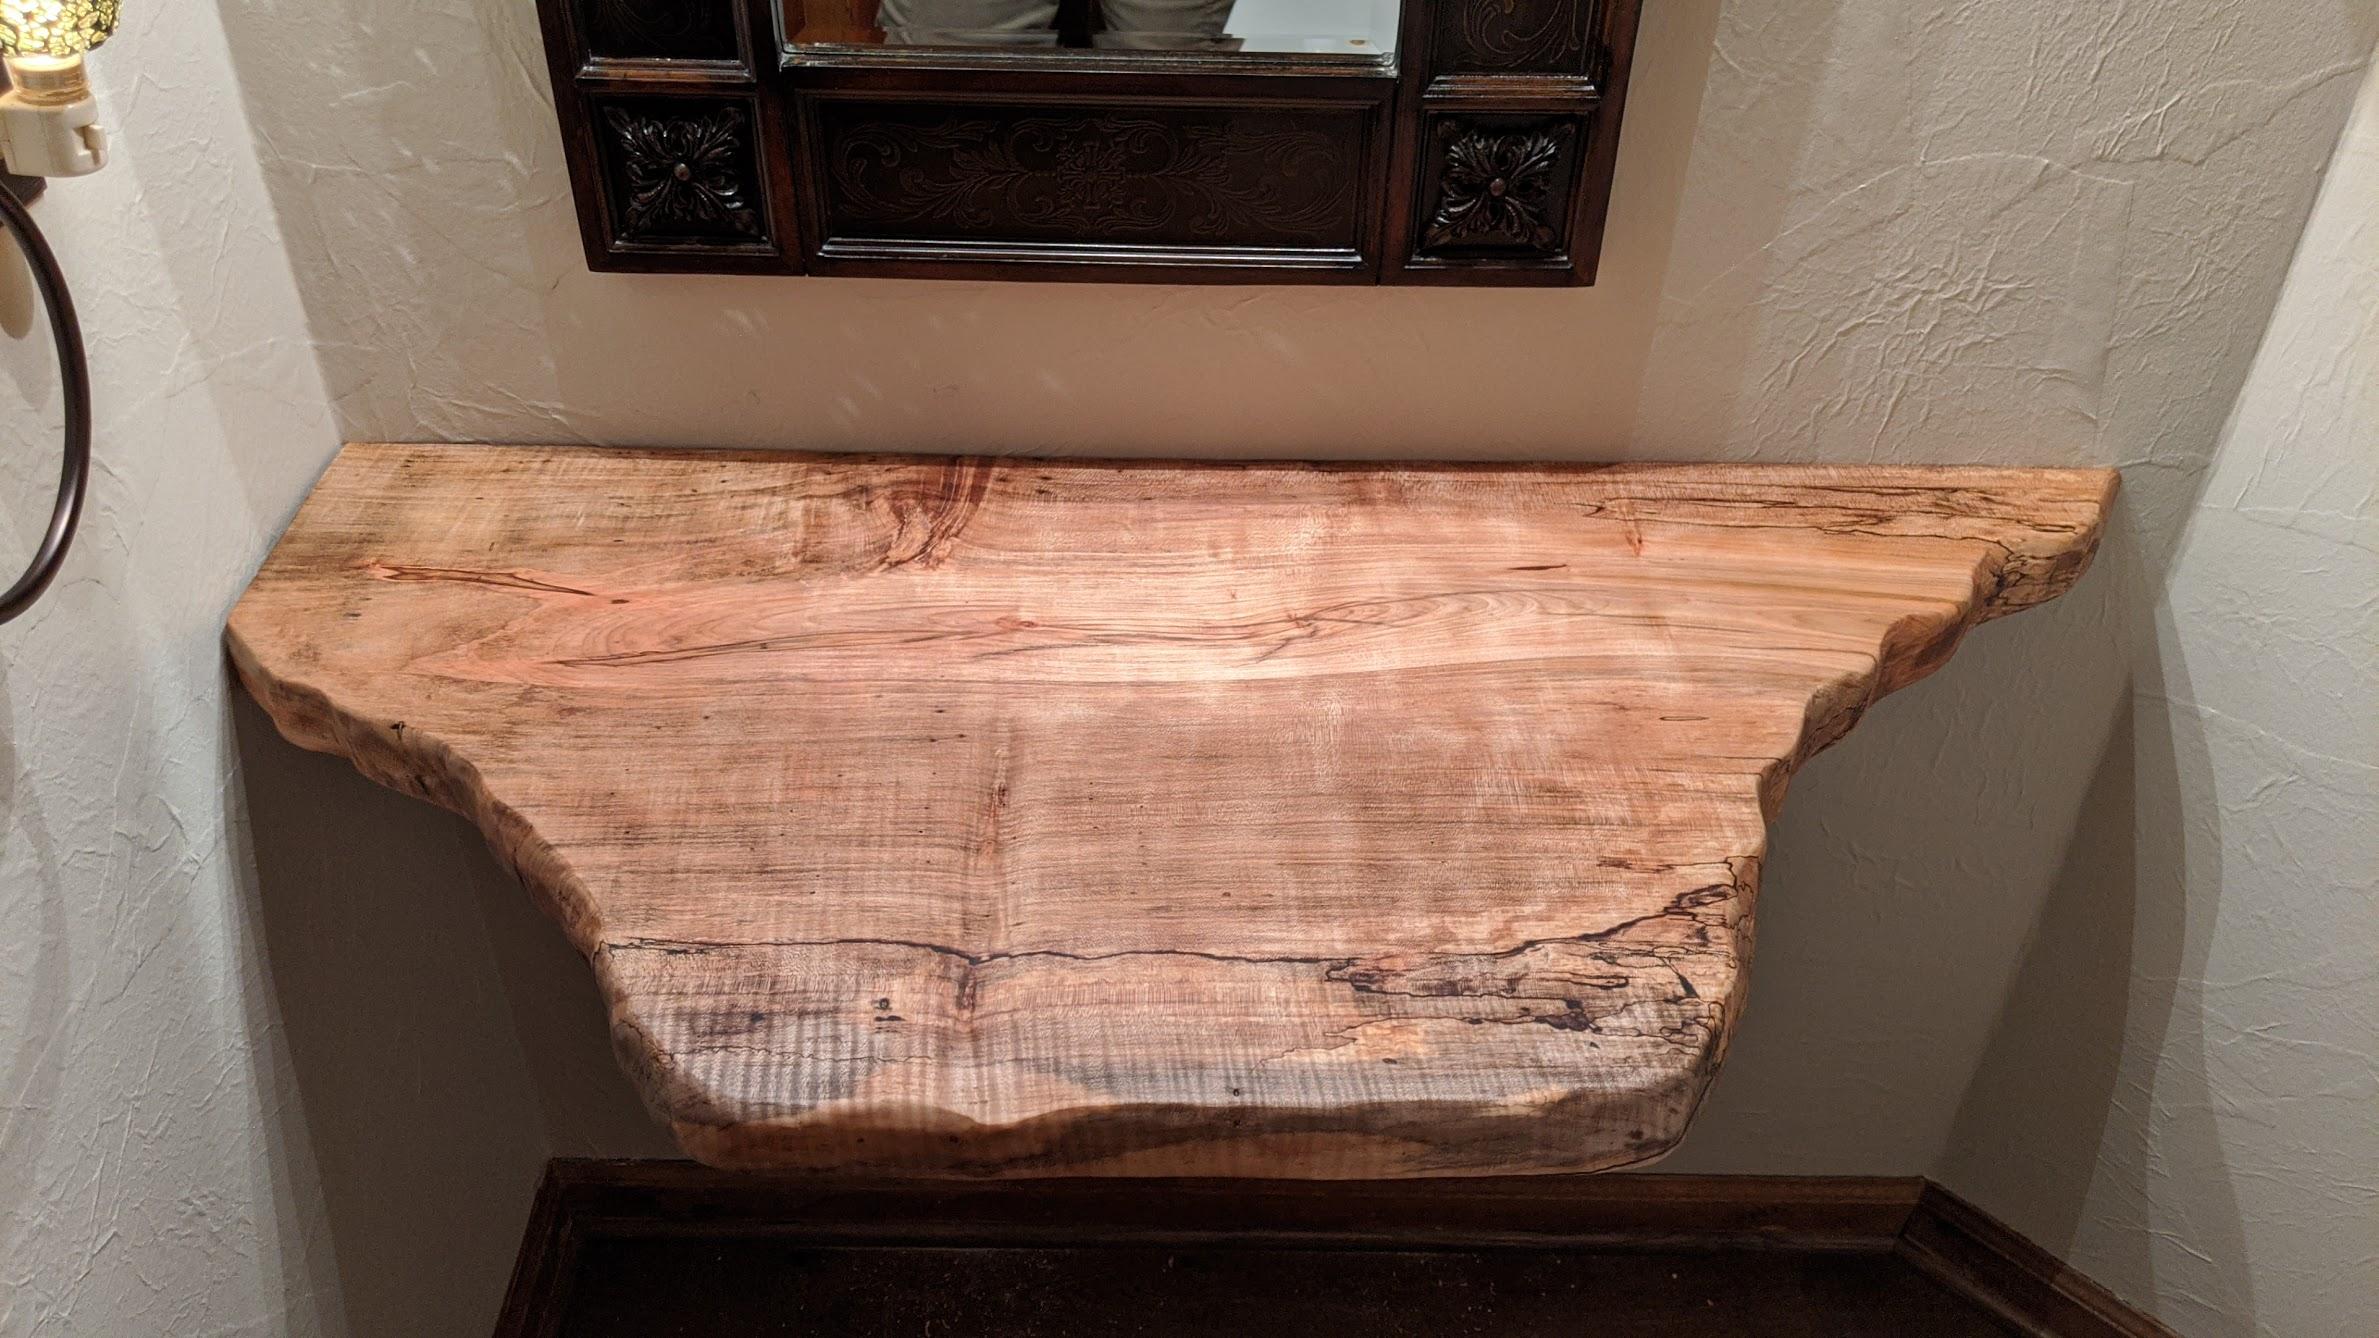 Spalted Maple Bathroom Vanity